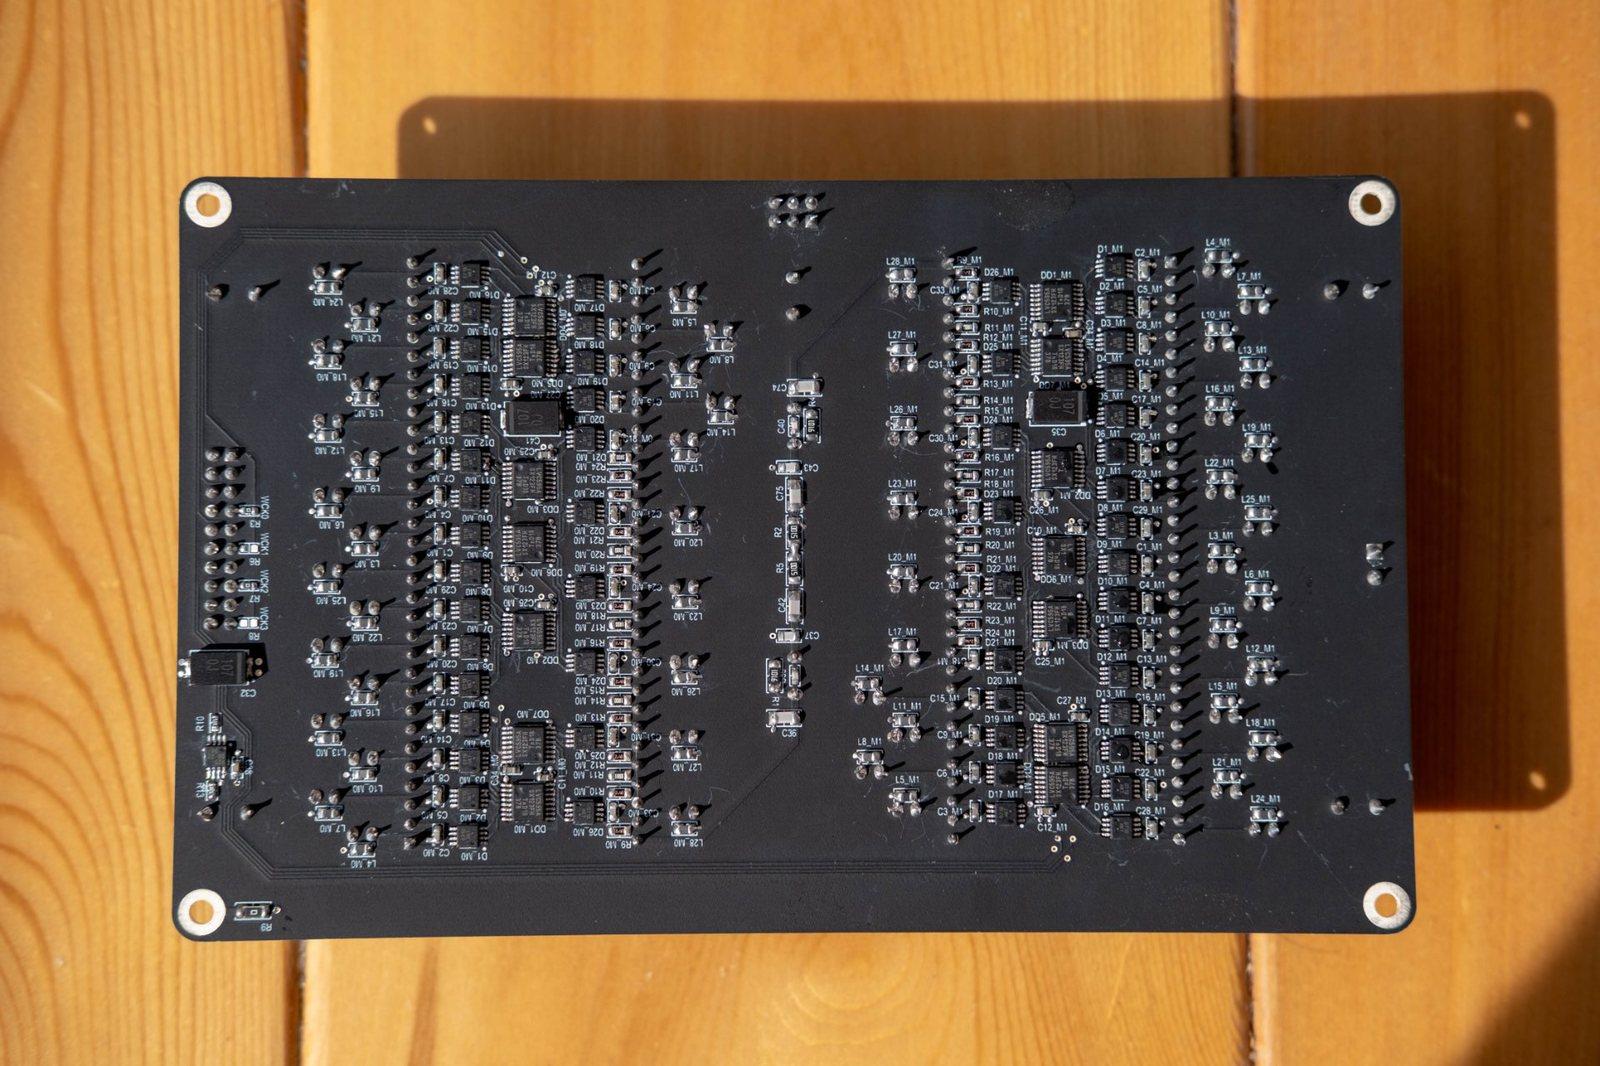 DSCF1795.thumb.jpg.9697282c8dbf0d5c7acaabc311fdf61d.jpg